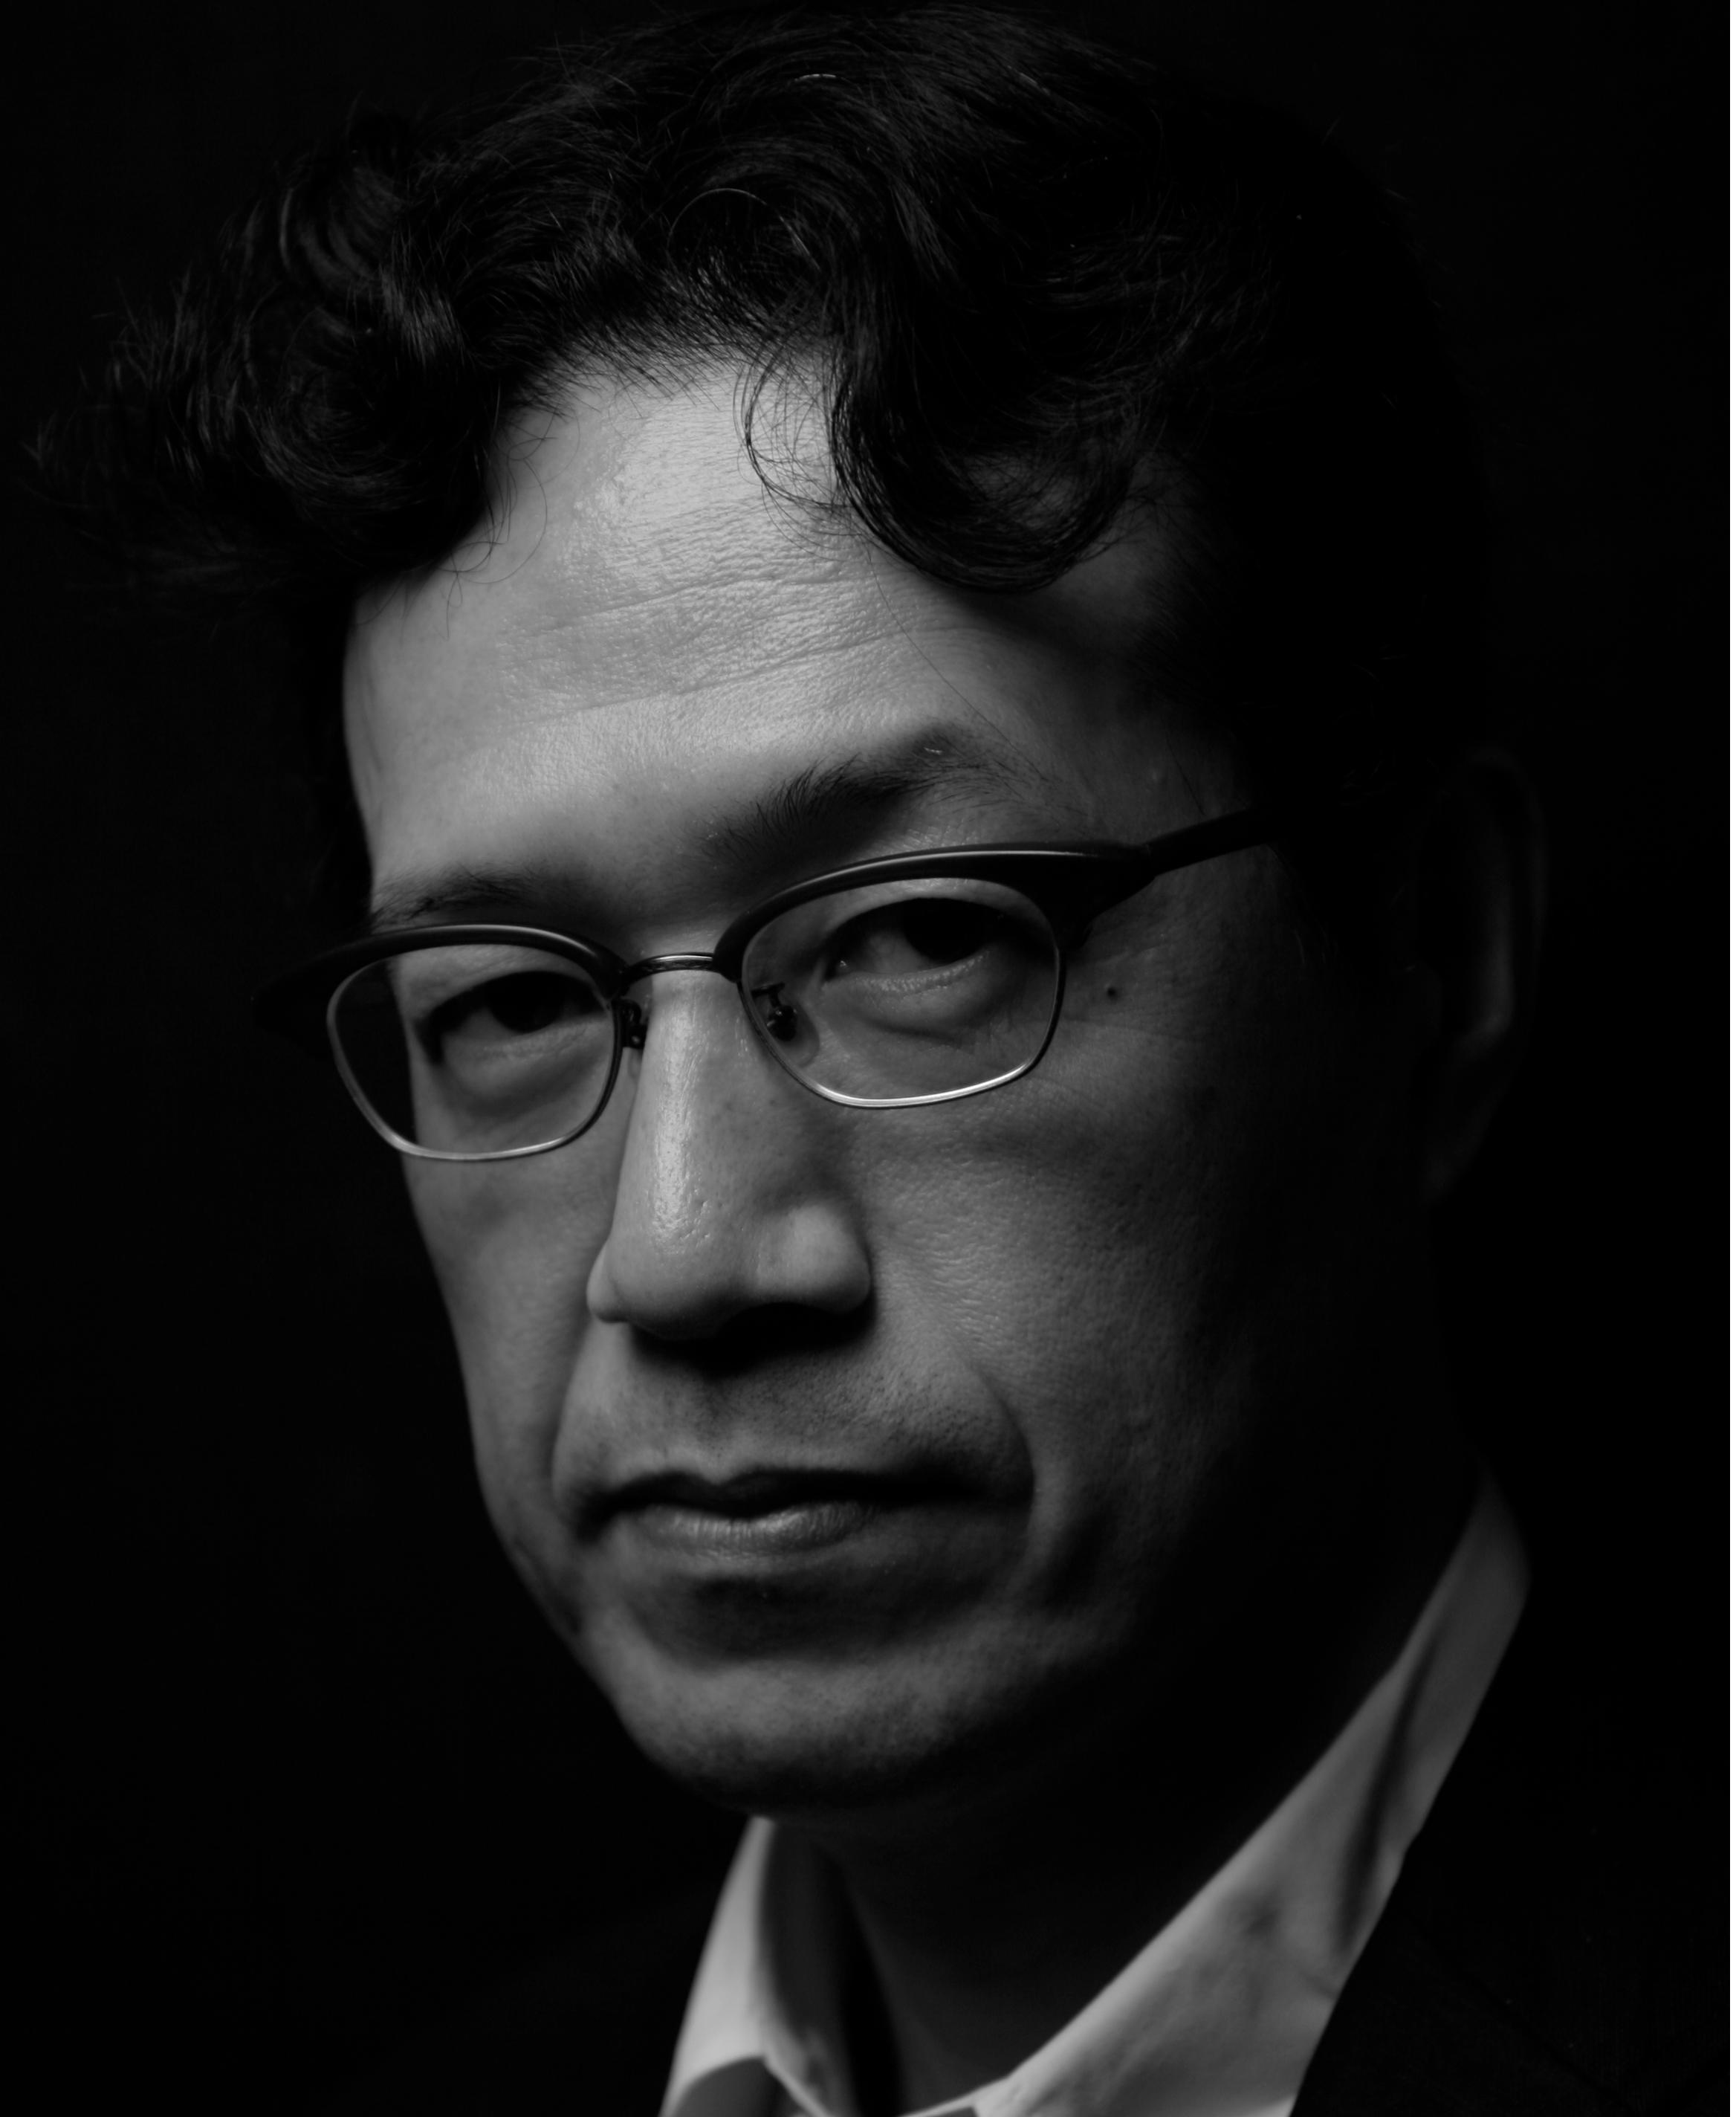 株式会社SOLA DIGITAL ARTSCCO & 監督荒牧 伸志氏